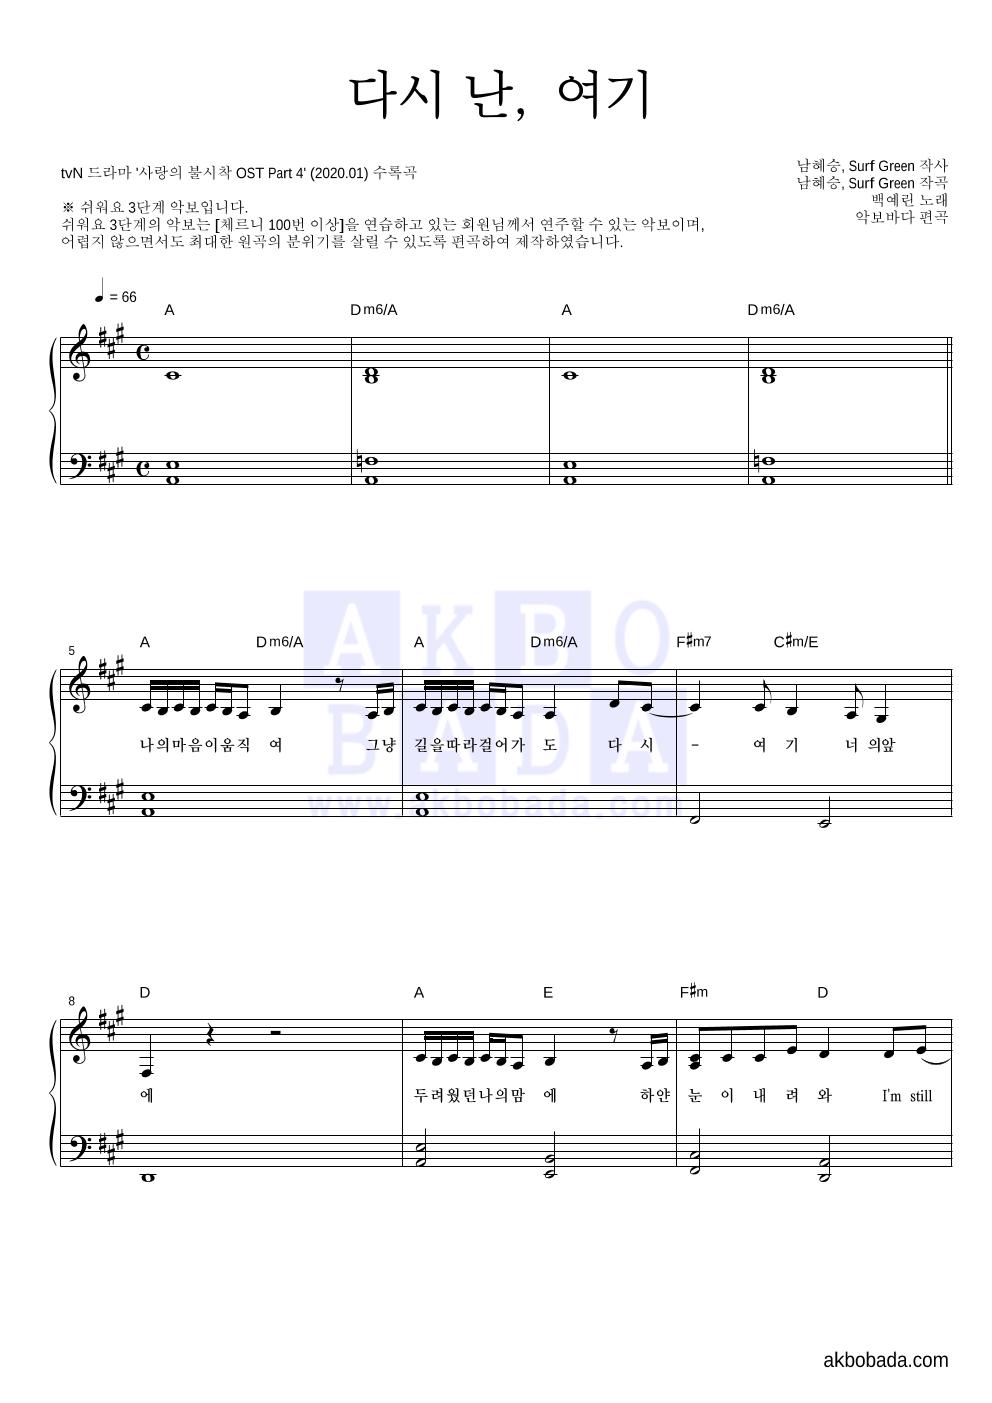 백예린 - 다시 난, 여기 피아노2단-쉬워요 악보